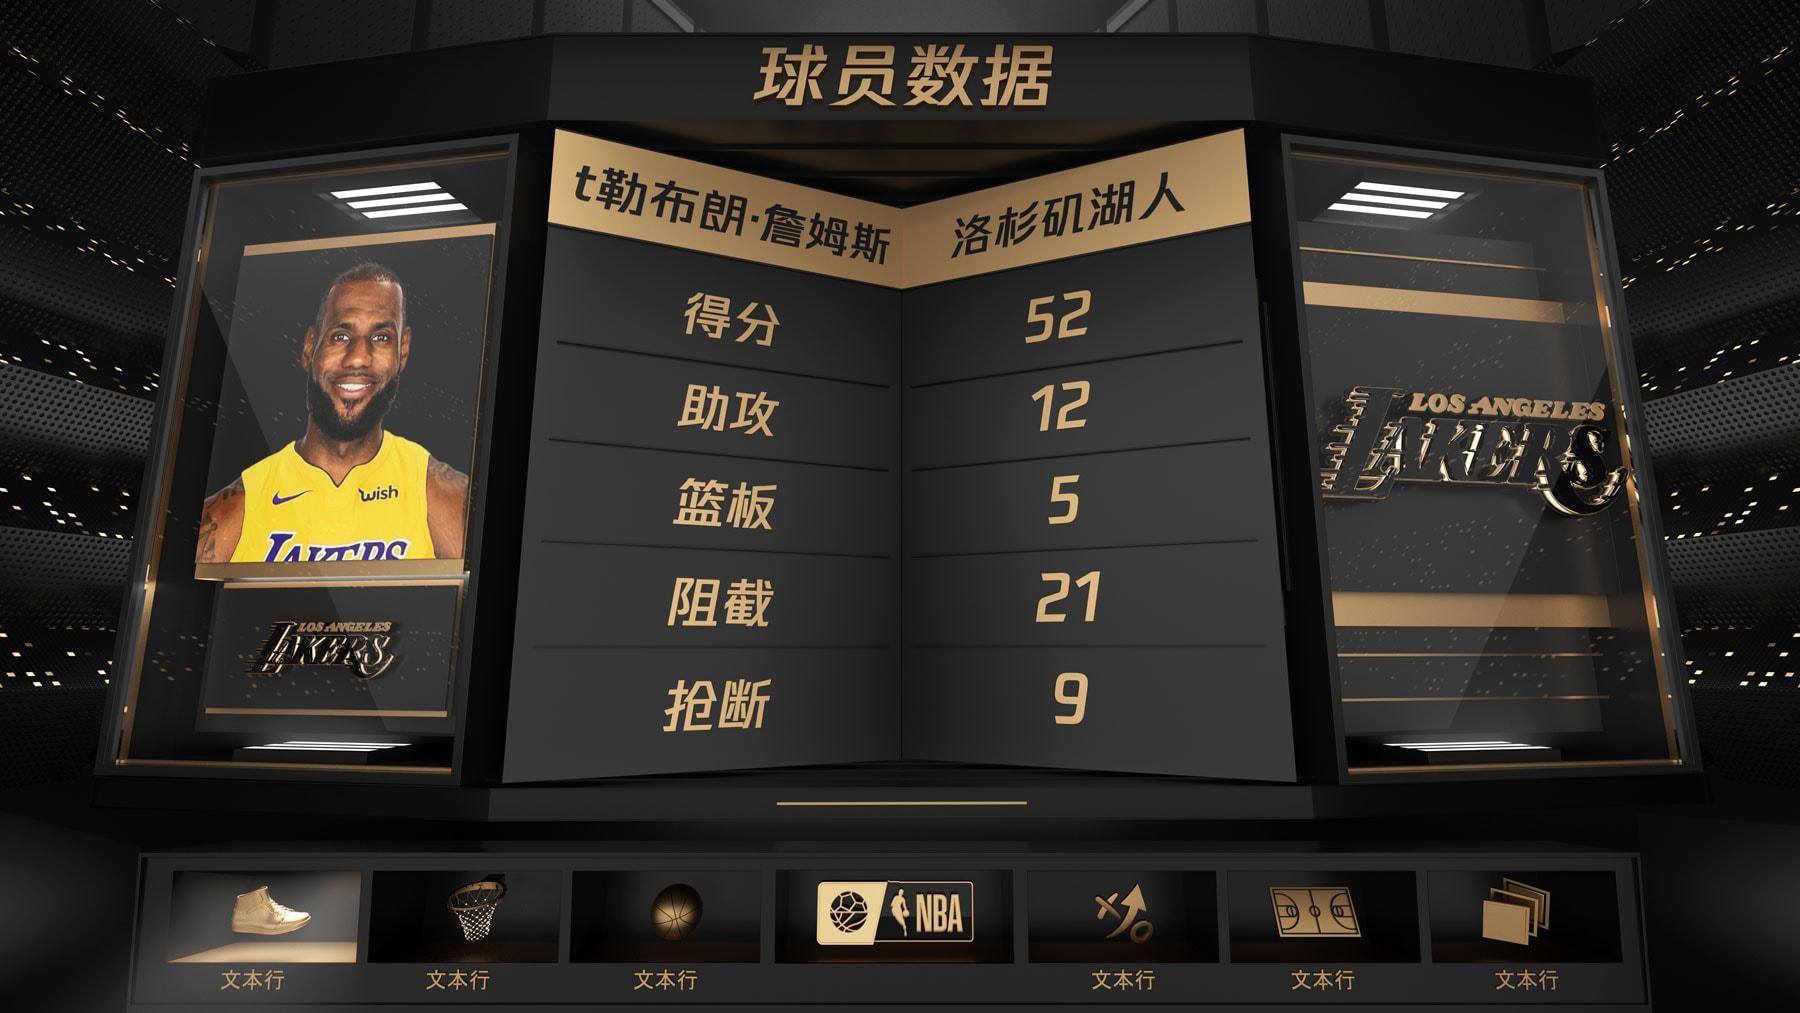 2019 Tencent Studio Screens 02 Girraphic